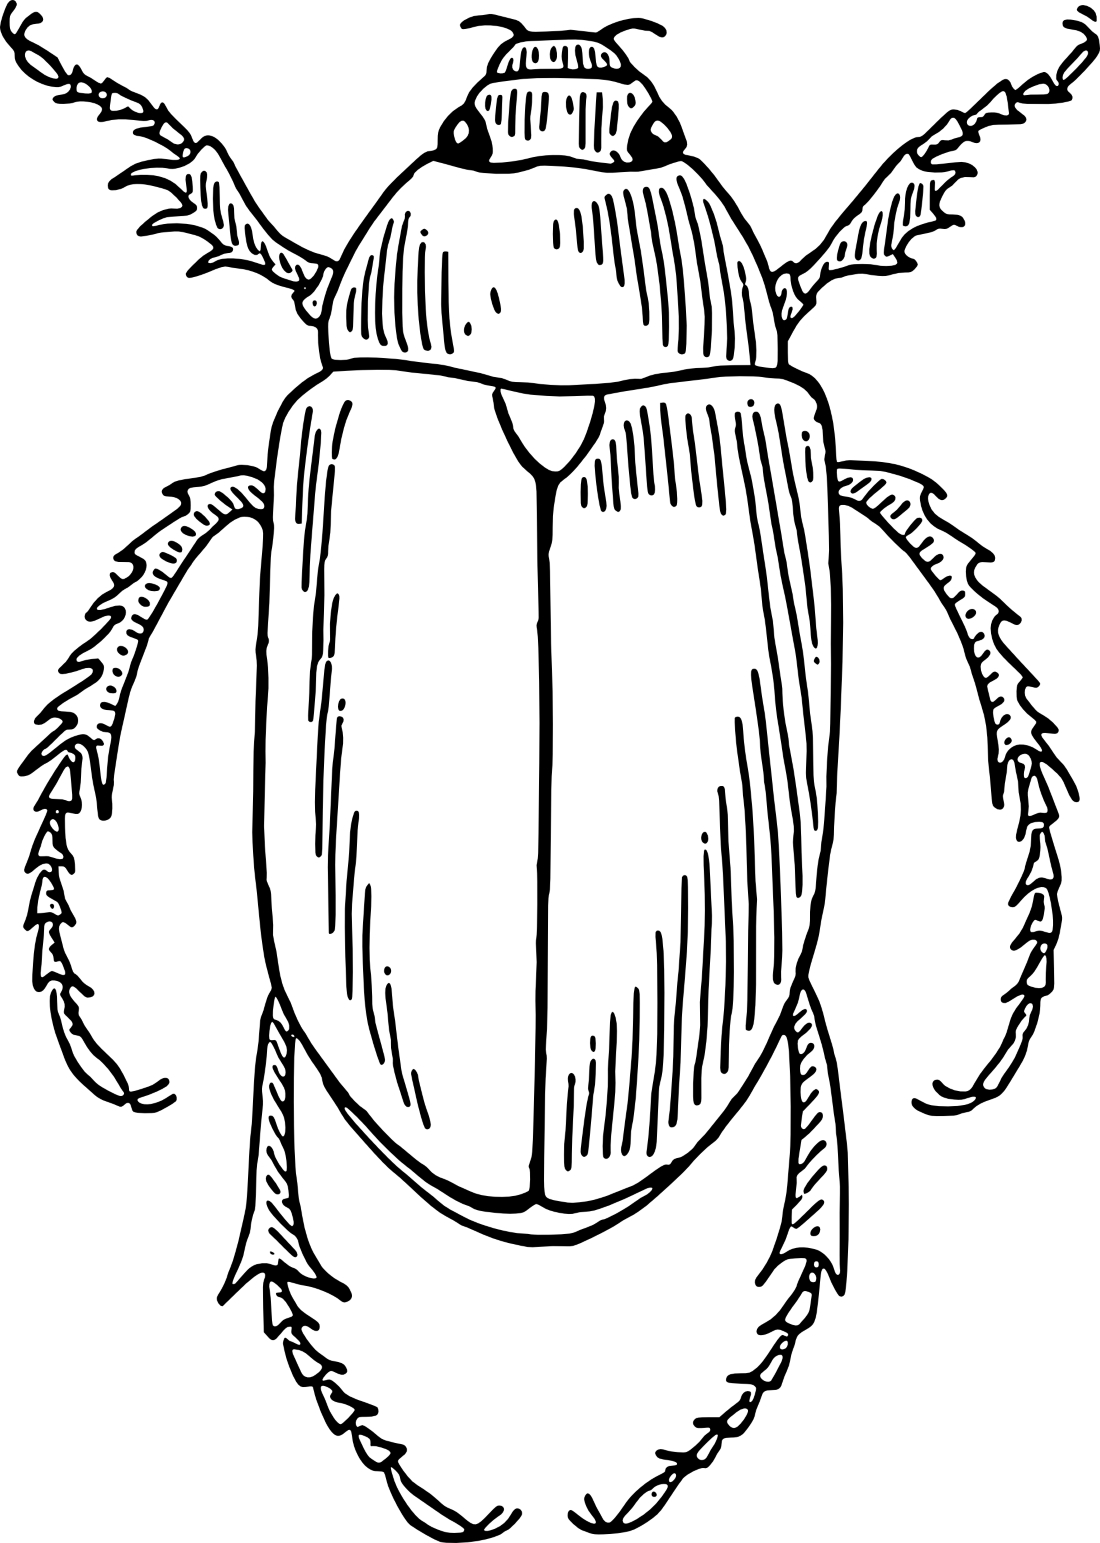 Картинка жука раскраска для детей